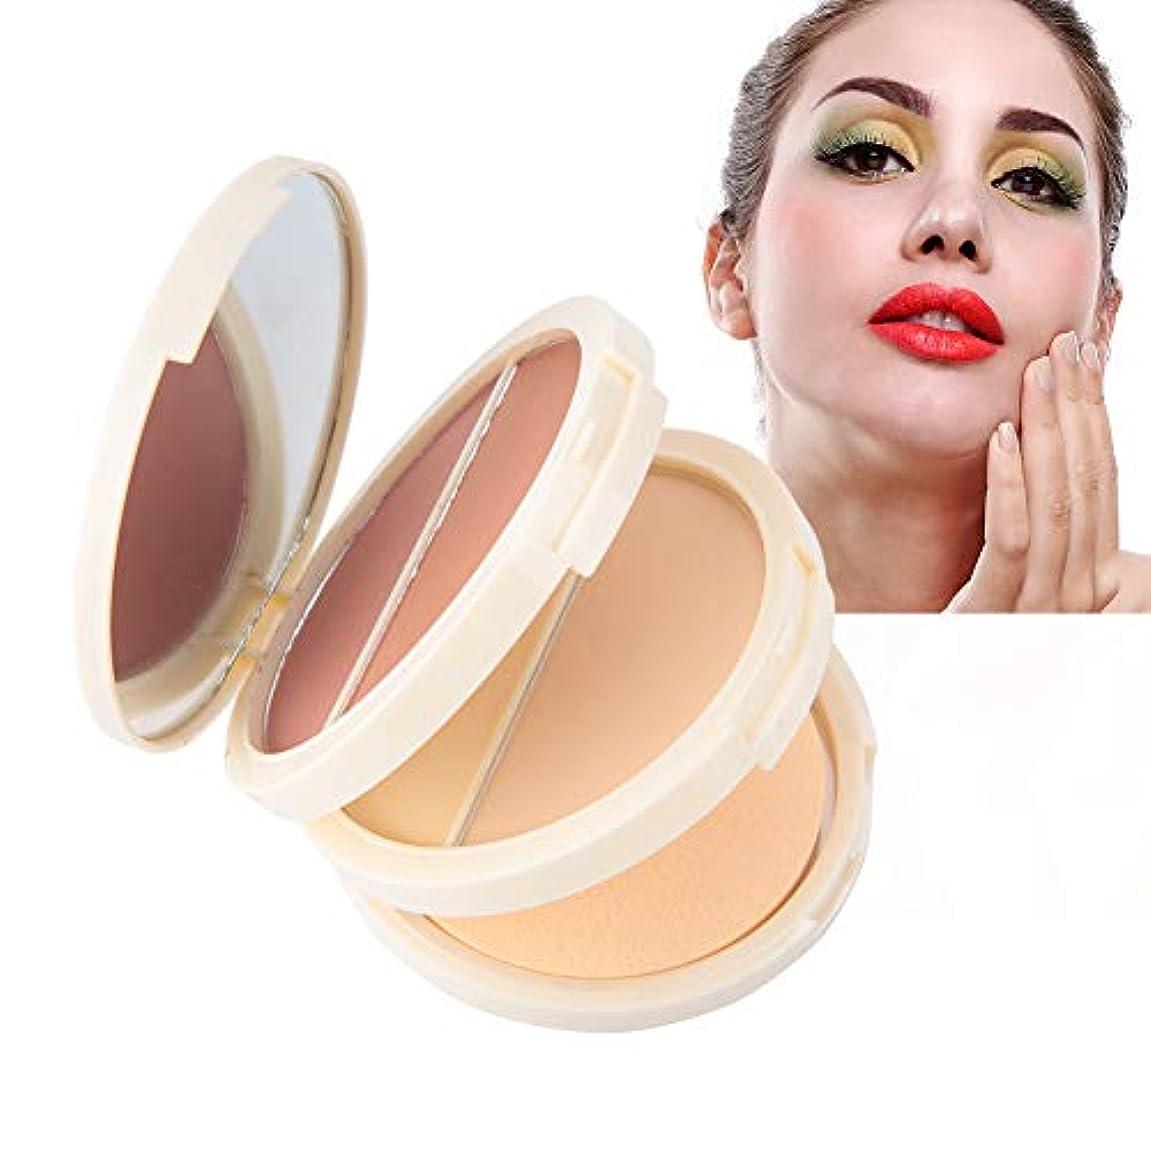 またね売り手溶岩化粧品、オイル管理および防水および長続きがする効果のための1つのコンシーラーの粉の赤面粉に付き3つ